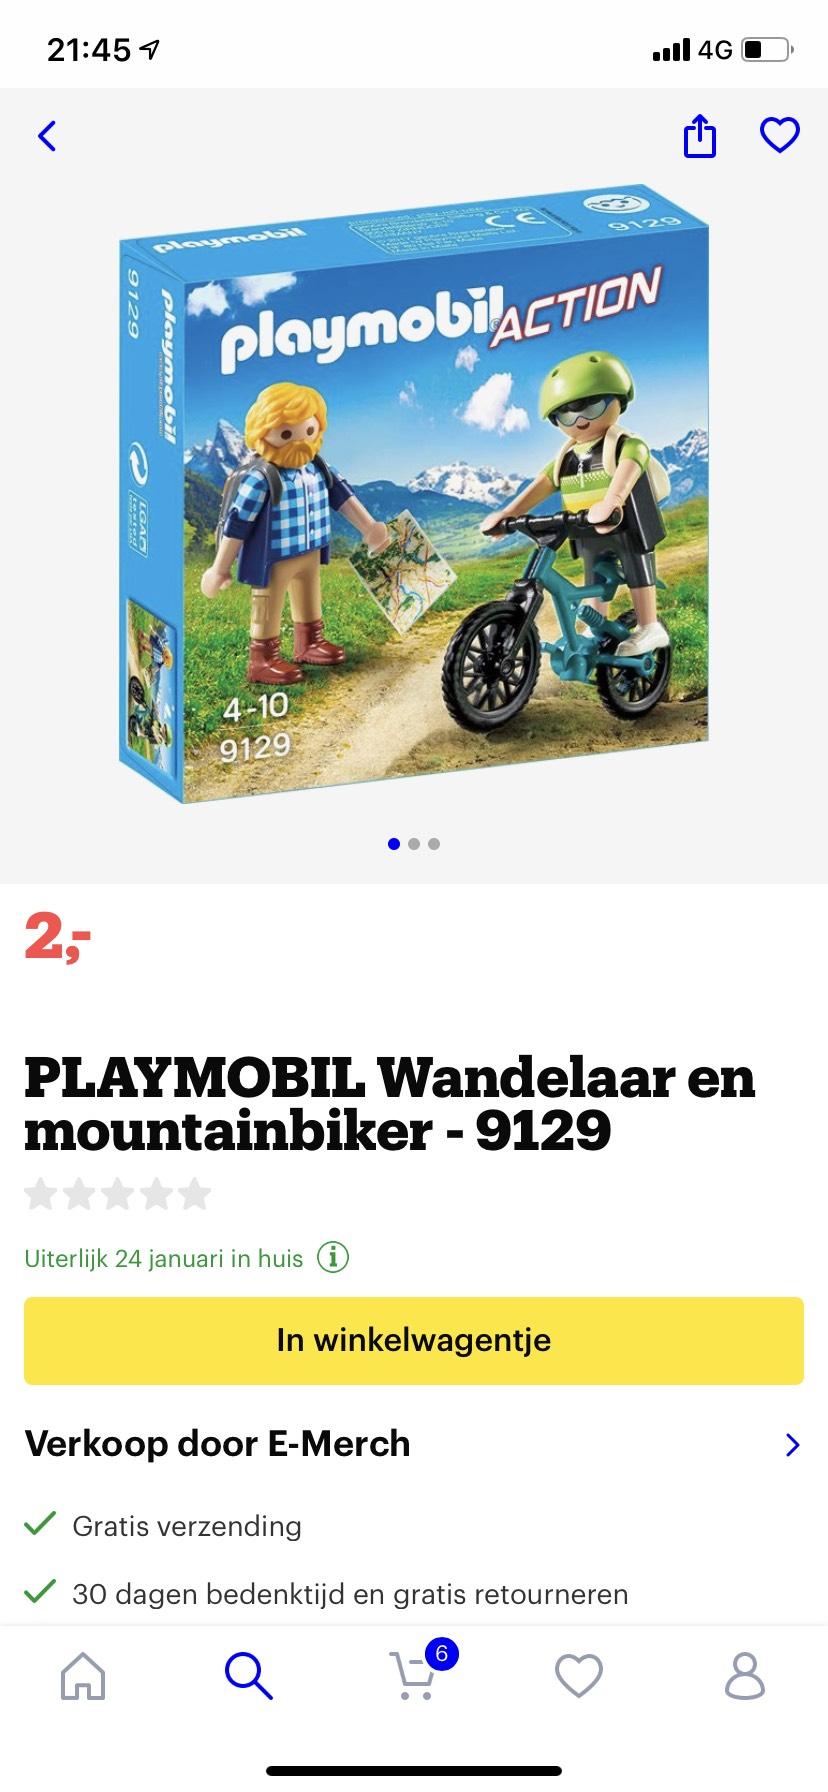 PlayMobil voor €2